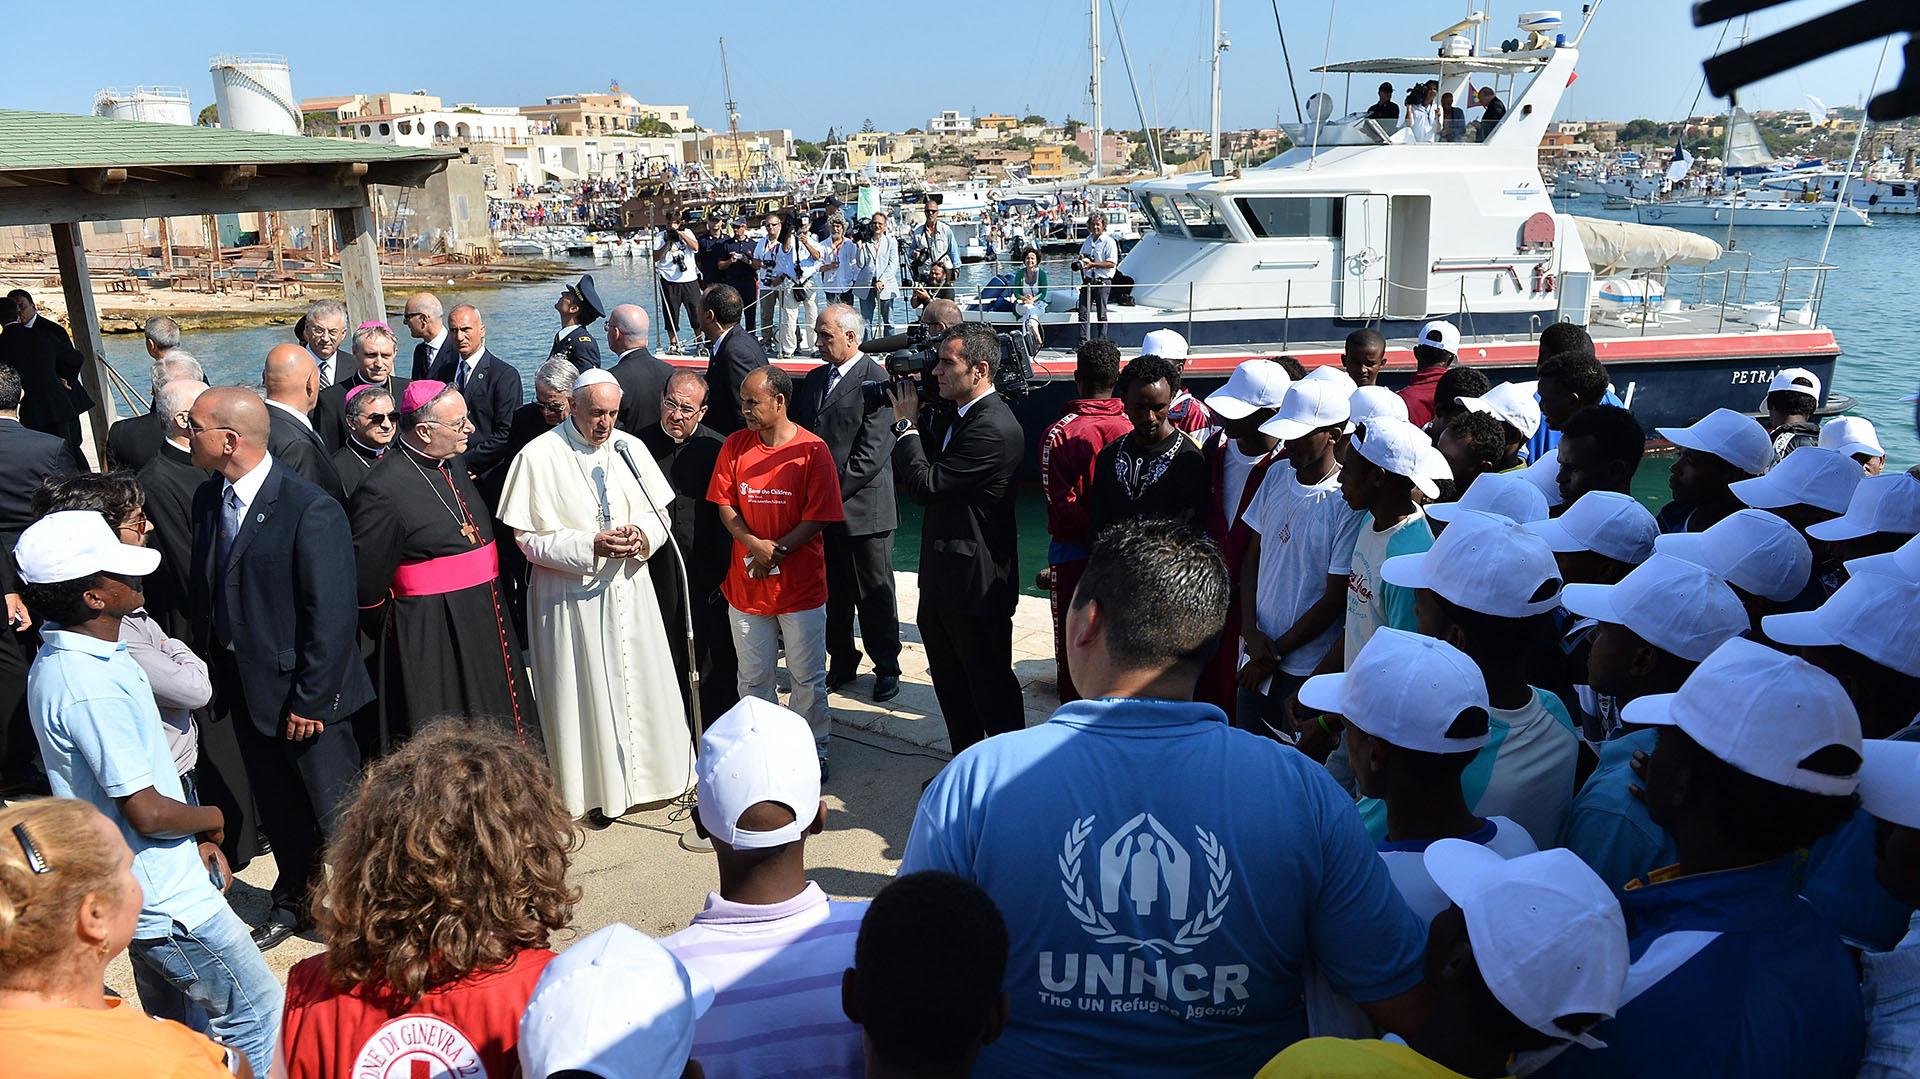 8 de julio de 2013, Lampedusa, Italia: el papa Francisco se encuentra con un grupo de inmigrantes en su primer viaje fuera de Roma. Poco después subió a un bote de pescadores para rendir homenaje en el mar a quienes perdieron la vida tratando de llegar a Europa por esa vía